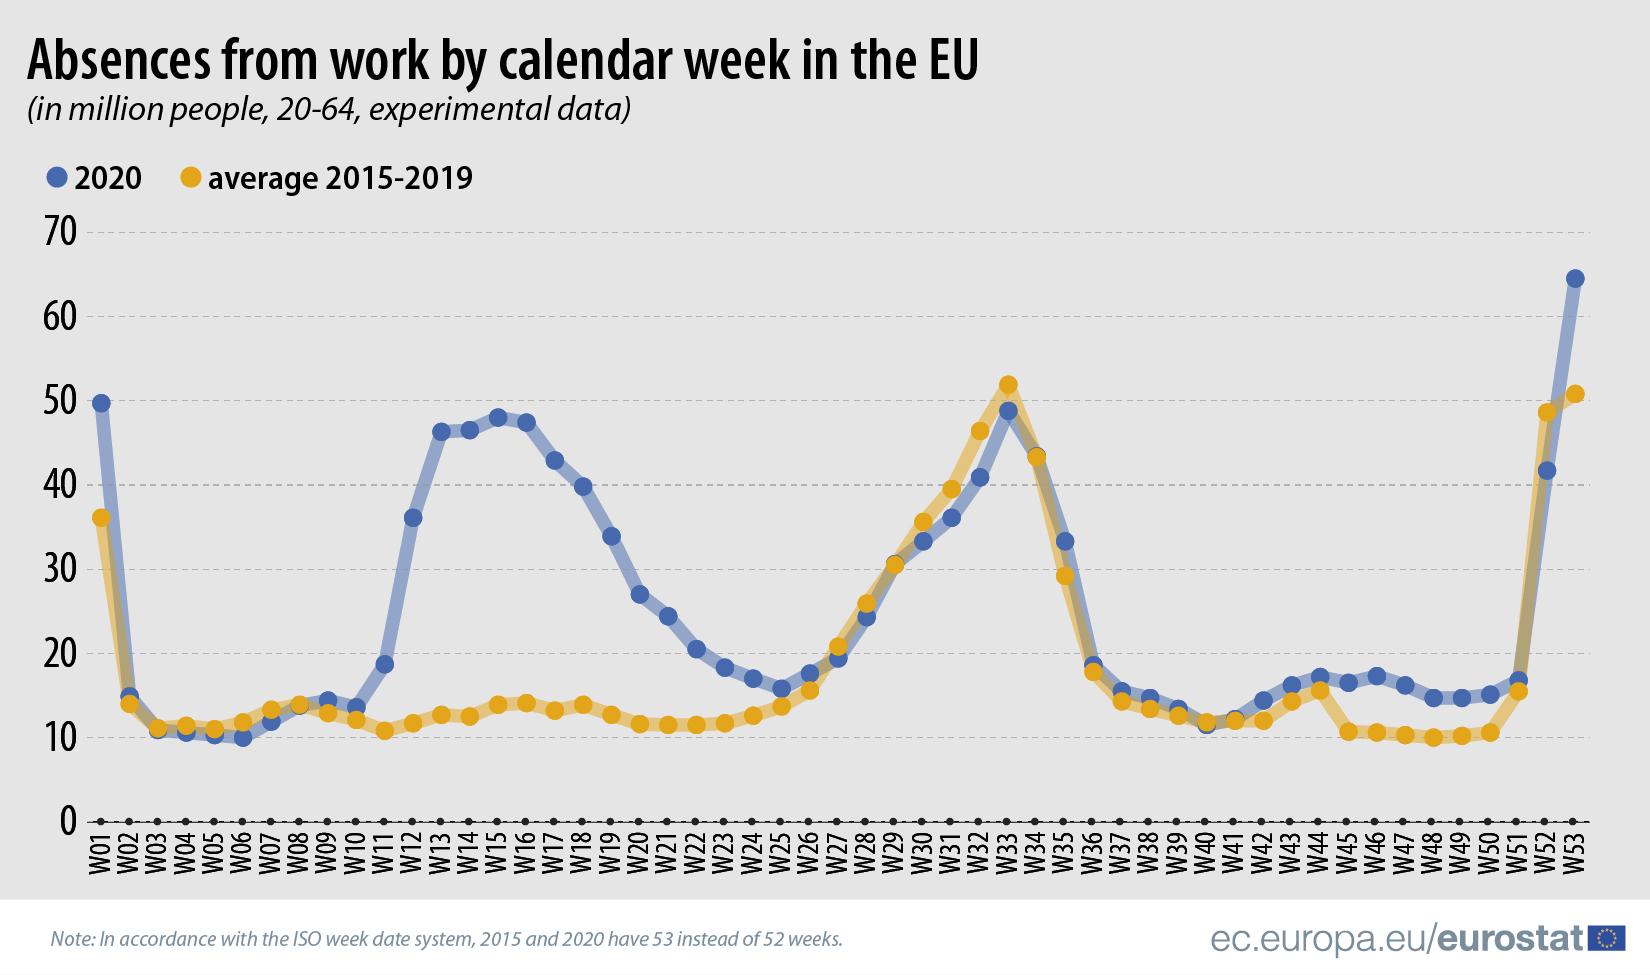 Privremena otpuštanja sa posla u EU dostigla rekord u 2020. godini 2